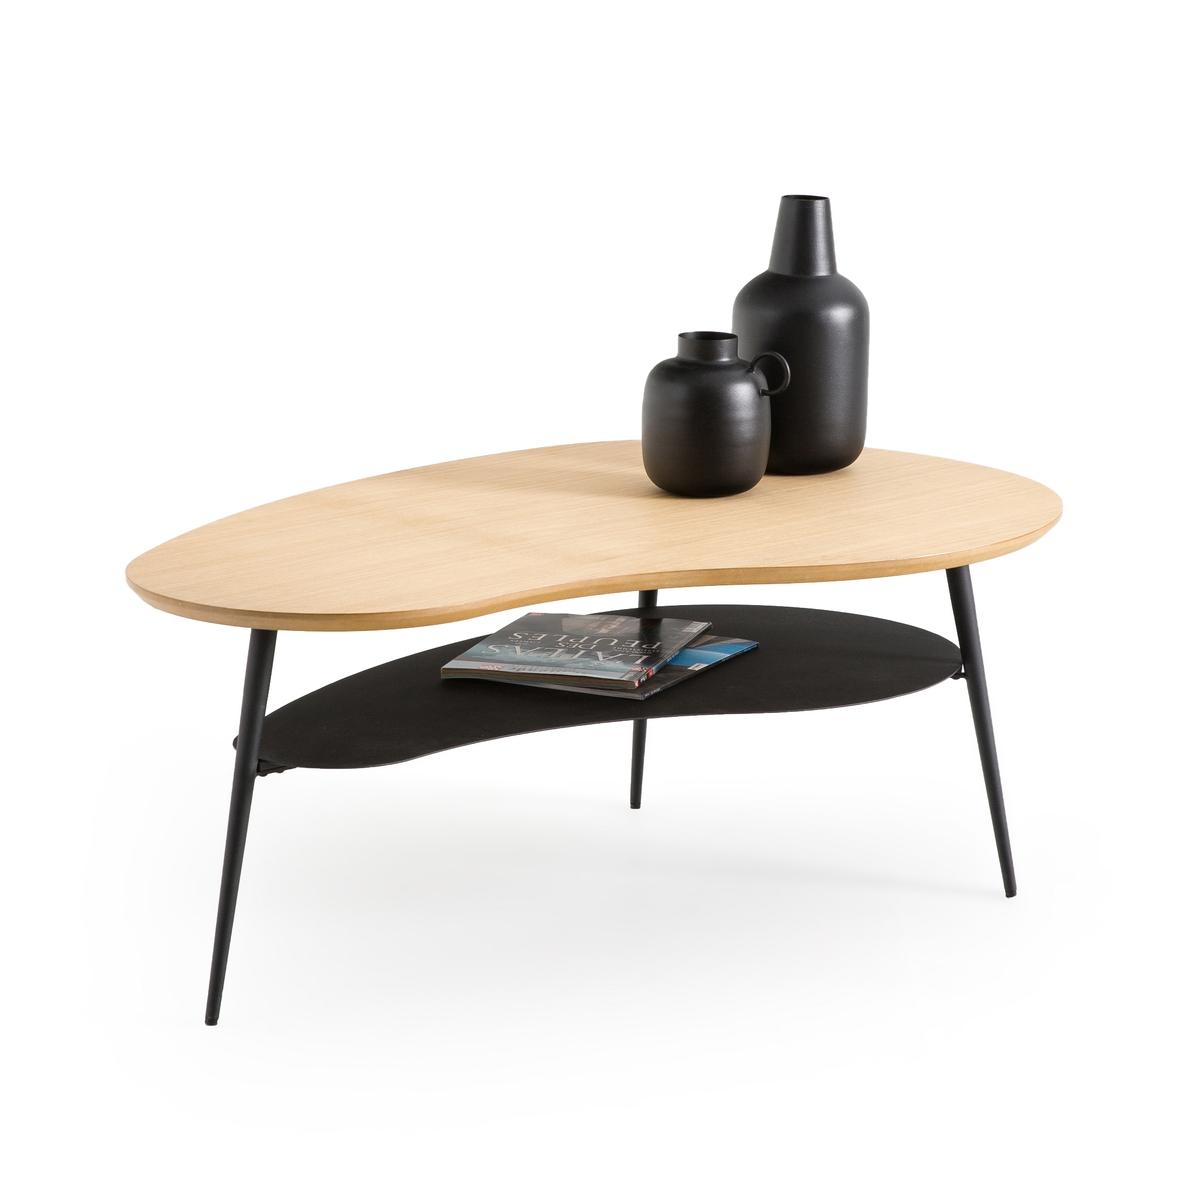 Столик LaRedoute Журнальный с двумя столешницами Matacou единый размер каштановый